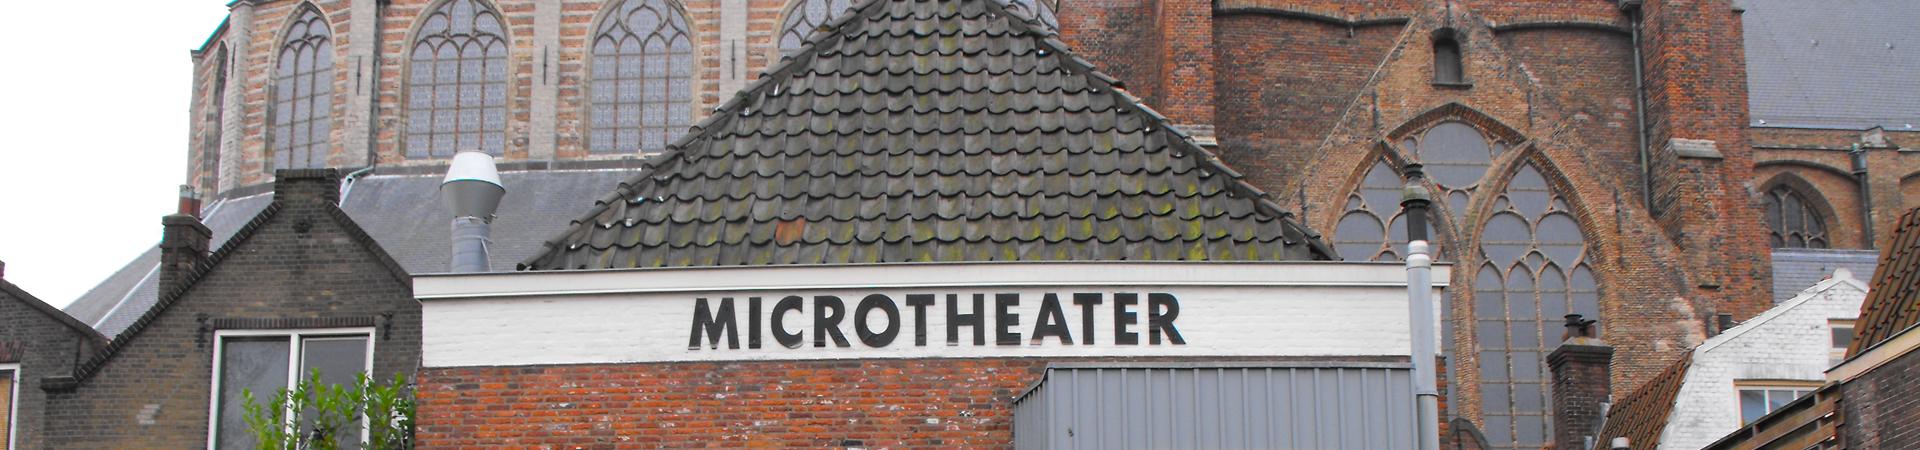 <br/> <h8>Word lid van de leukste toneelvereniging van Delft</h8>